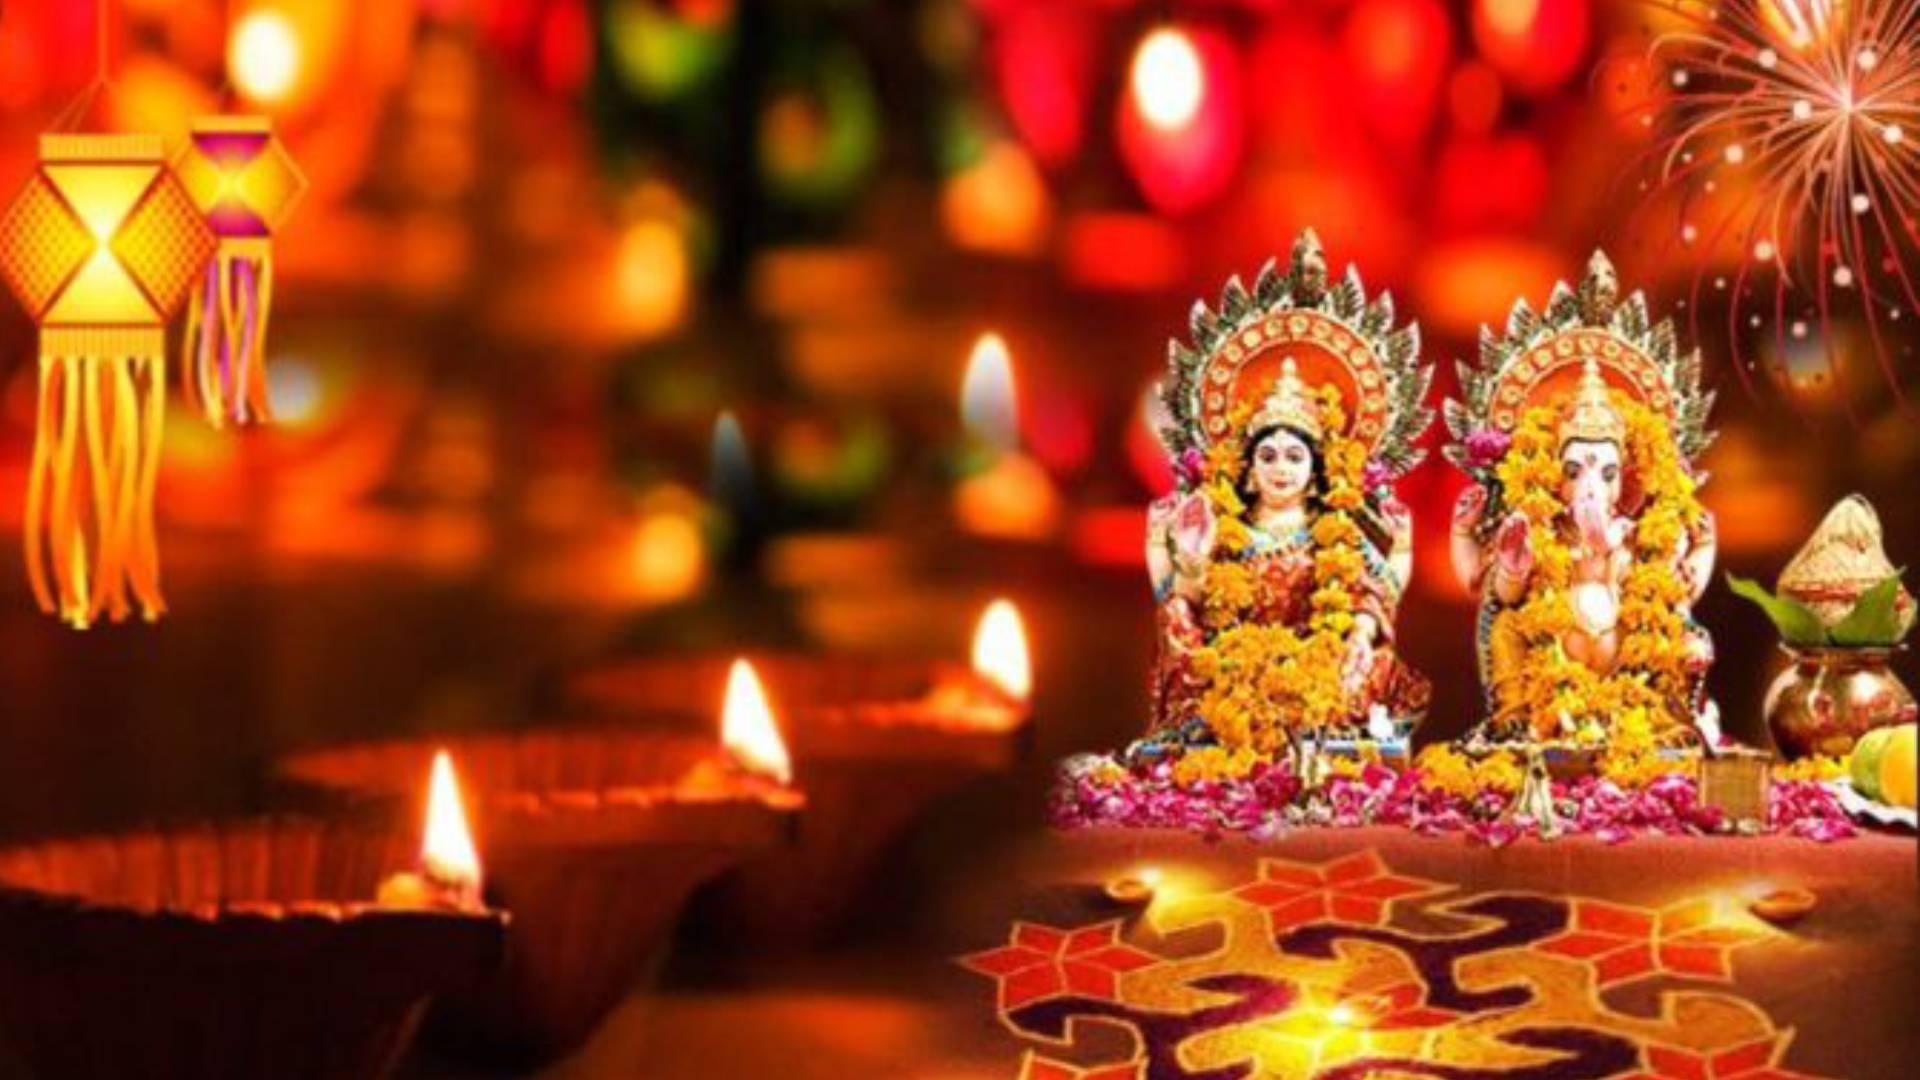 Diwali 2019 Date: इस दिवाली दरवाजें पर रखें ये पांच चीजें, हमेशा के लिए घर में रहेगा मां लक्ष्मी का वास